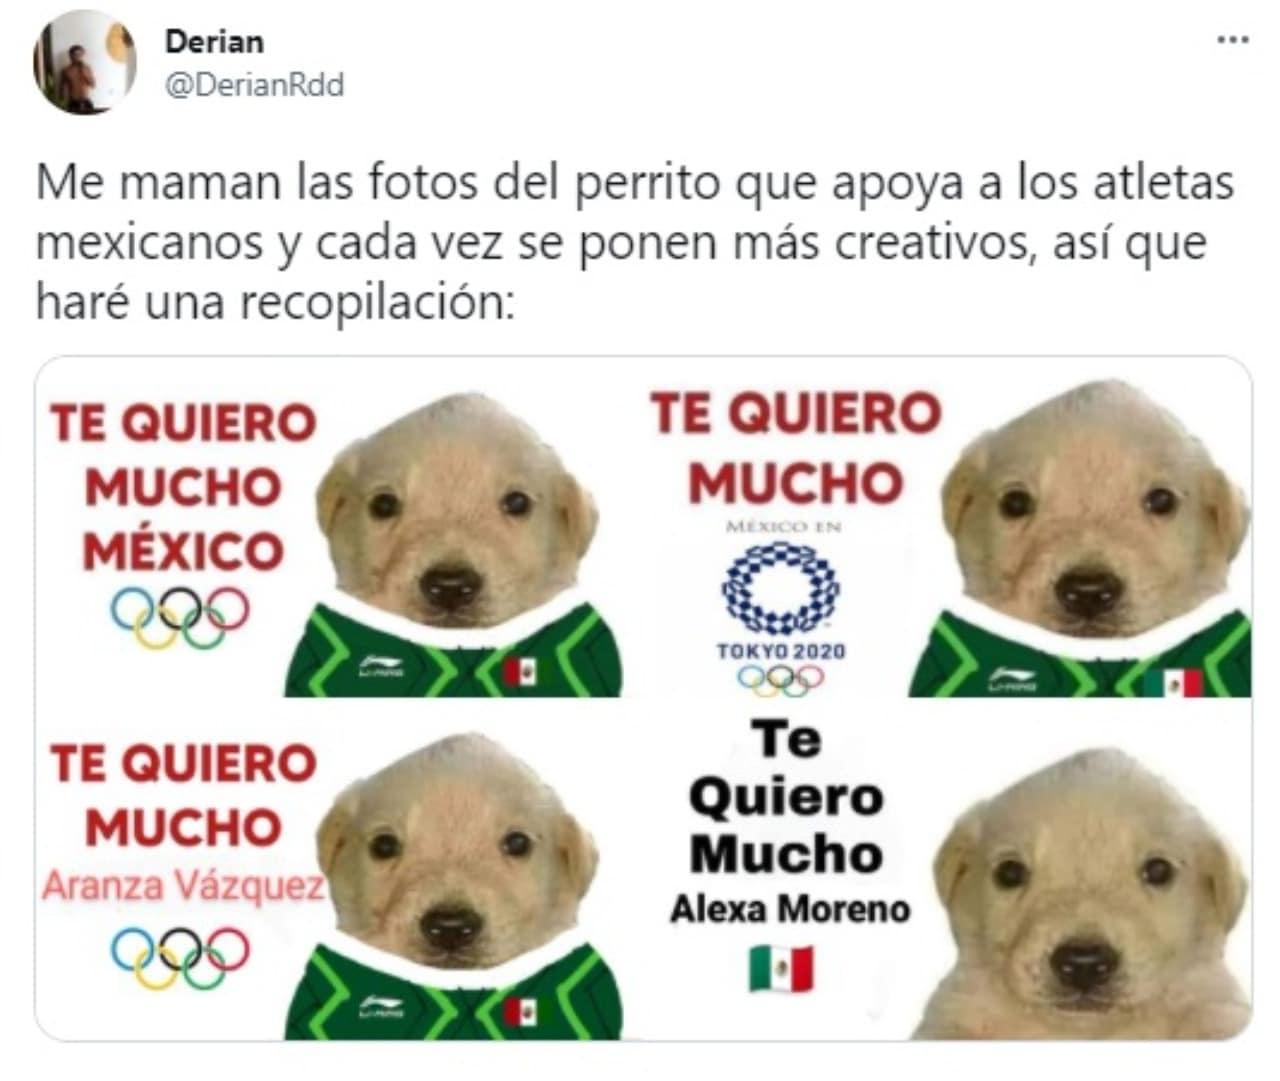 memes perrito tqm tokyo 2020 mexico